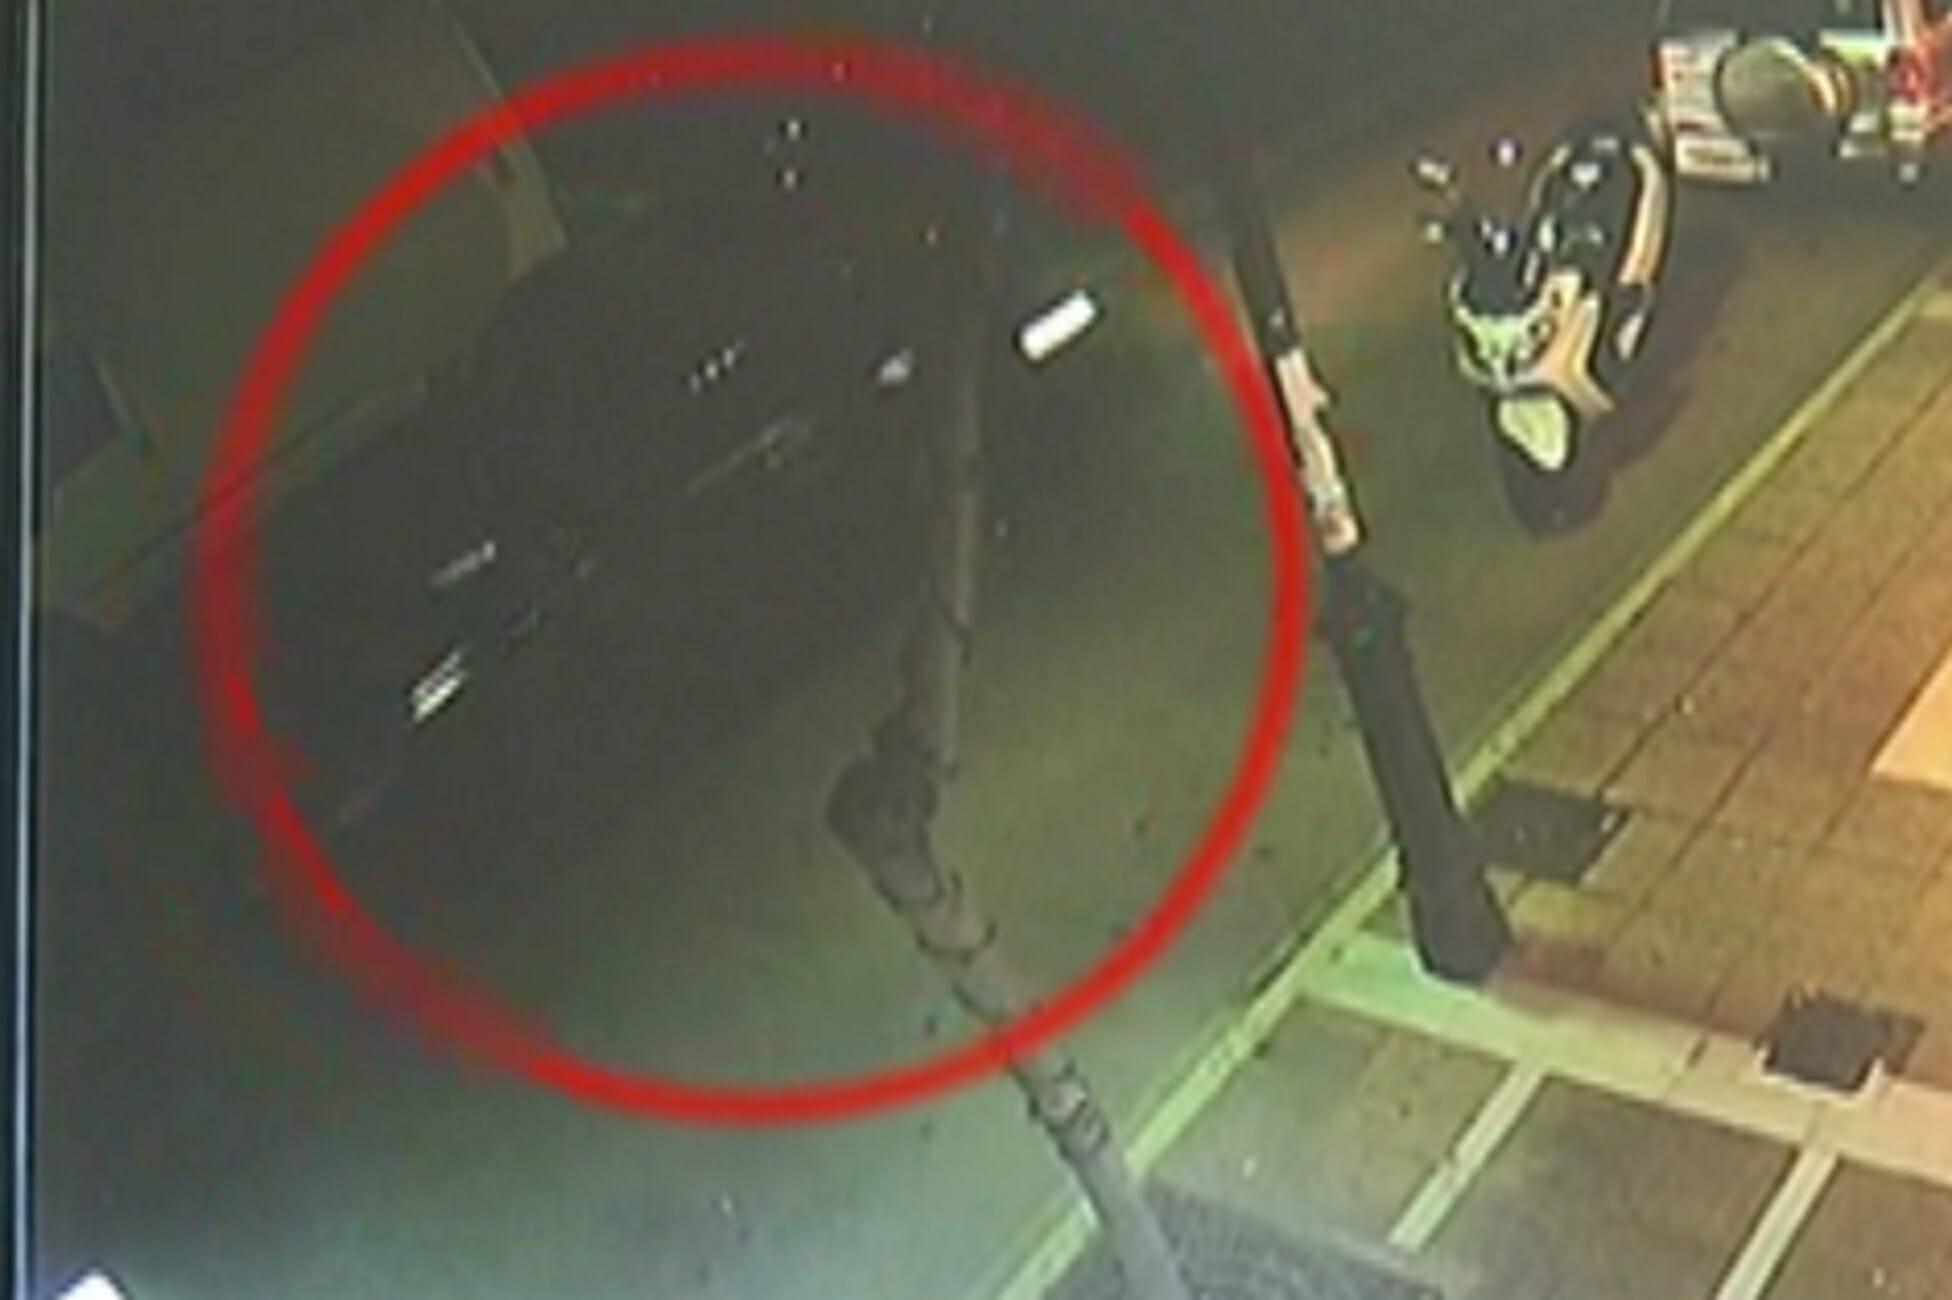 Λουτράκι: Χαροπαλεύει 23χρονη που παρασύρθηκε από αυτοκίνητο! Αυτό είναι το βίντεο που αναλύεται